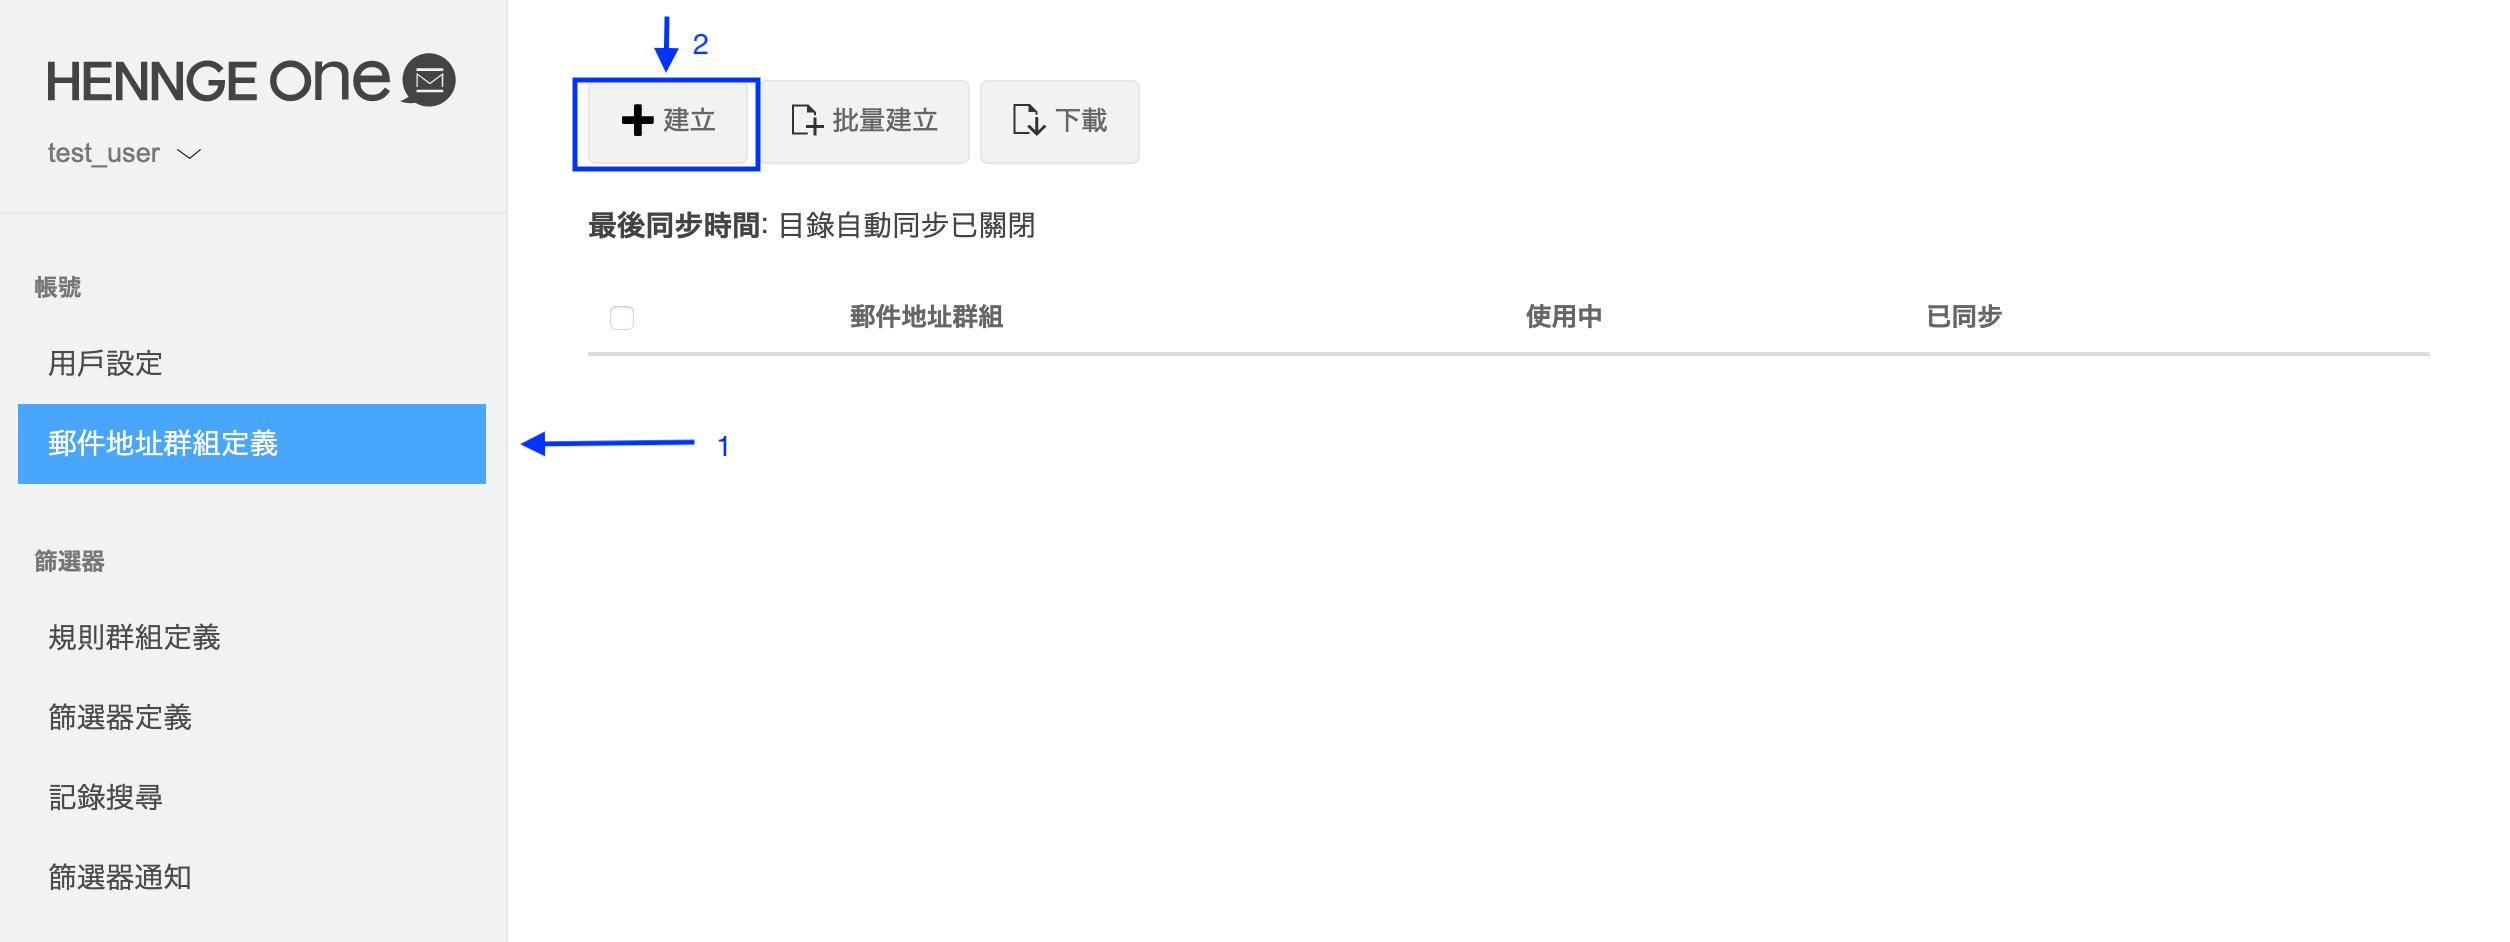 Screen_Shot_2020-03-30_at_14.19.44.png